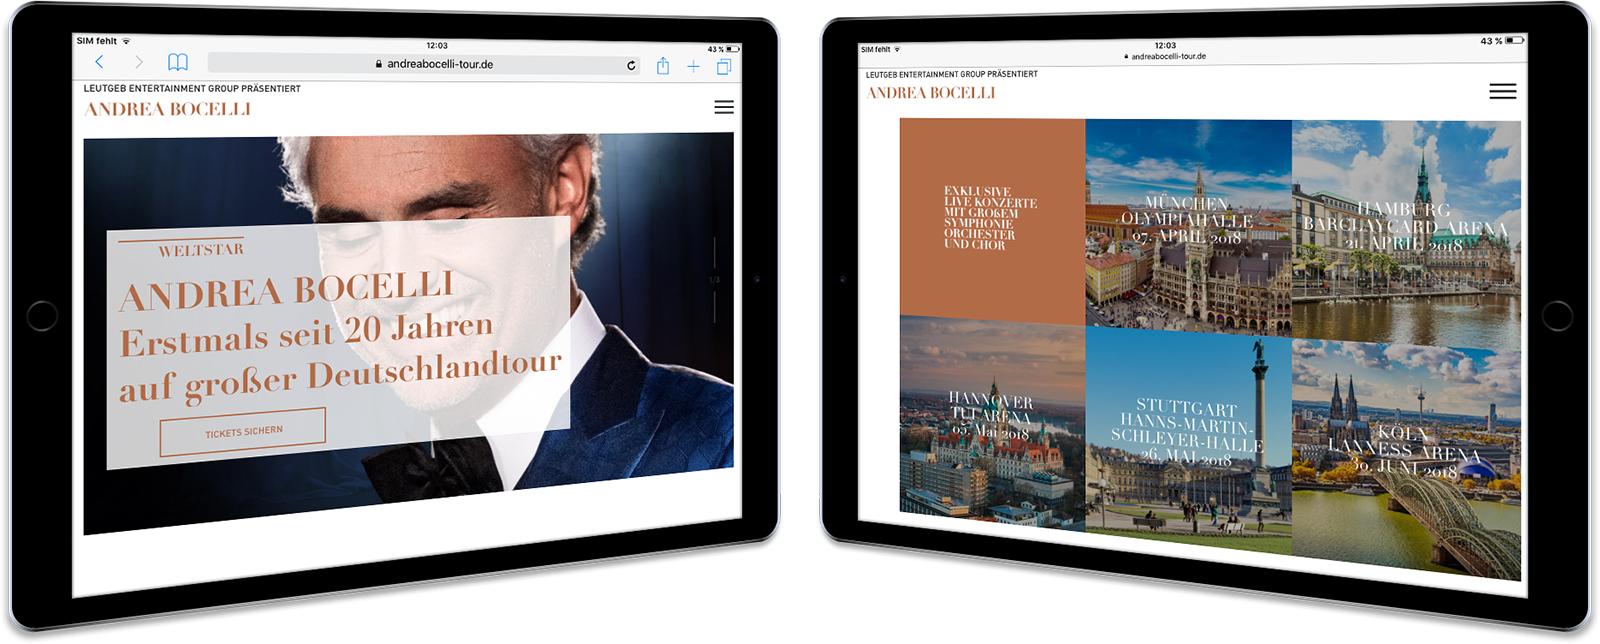 Andrea Bocelli Website-Mockup am Tablet zwei Screens